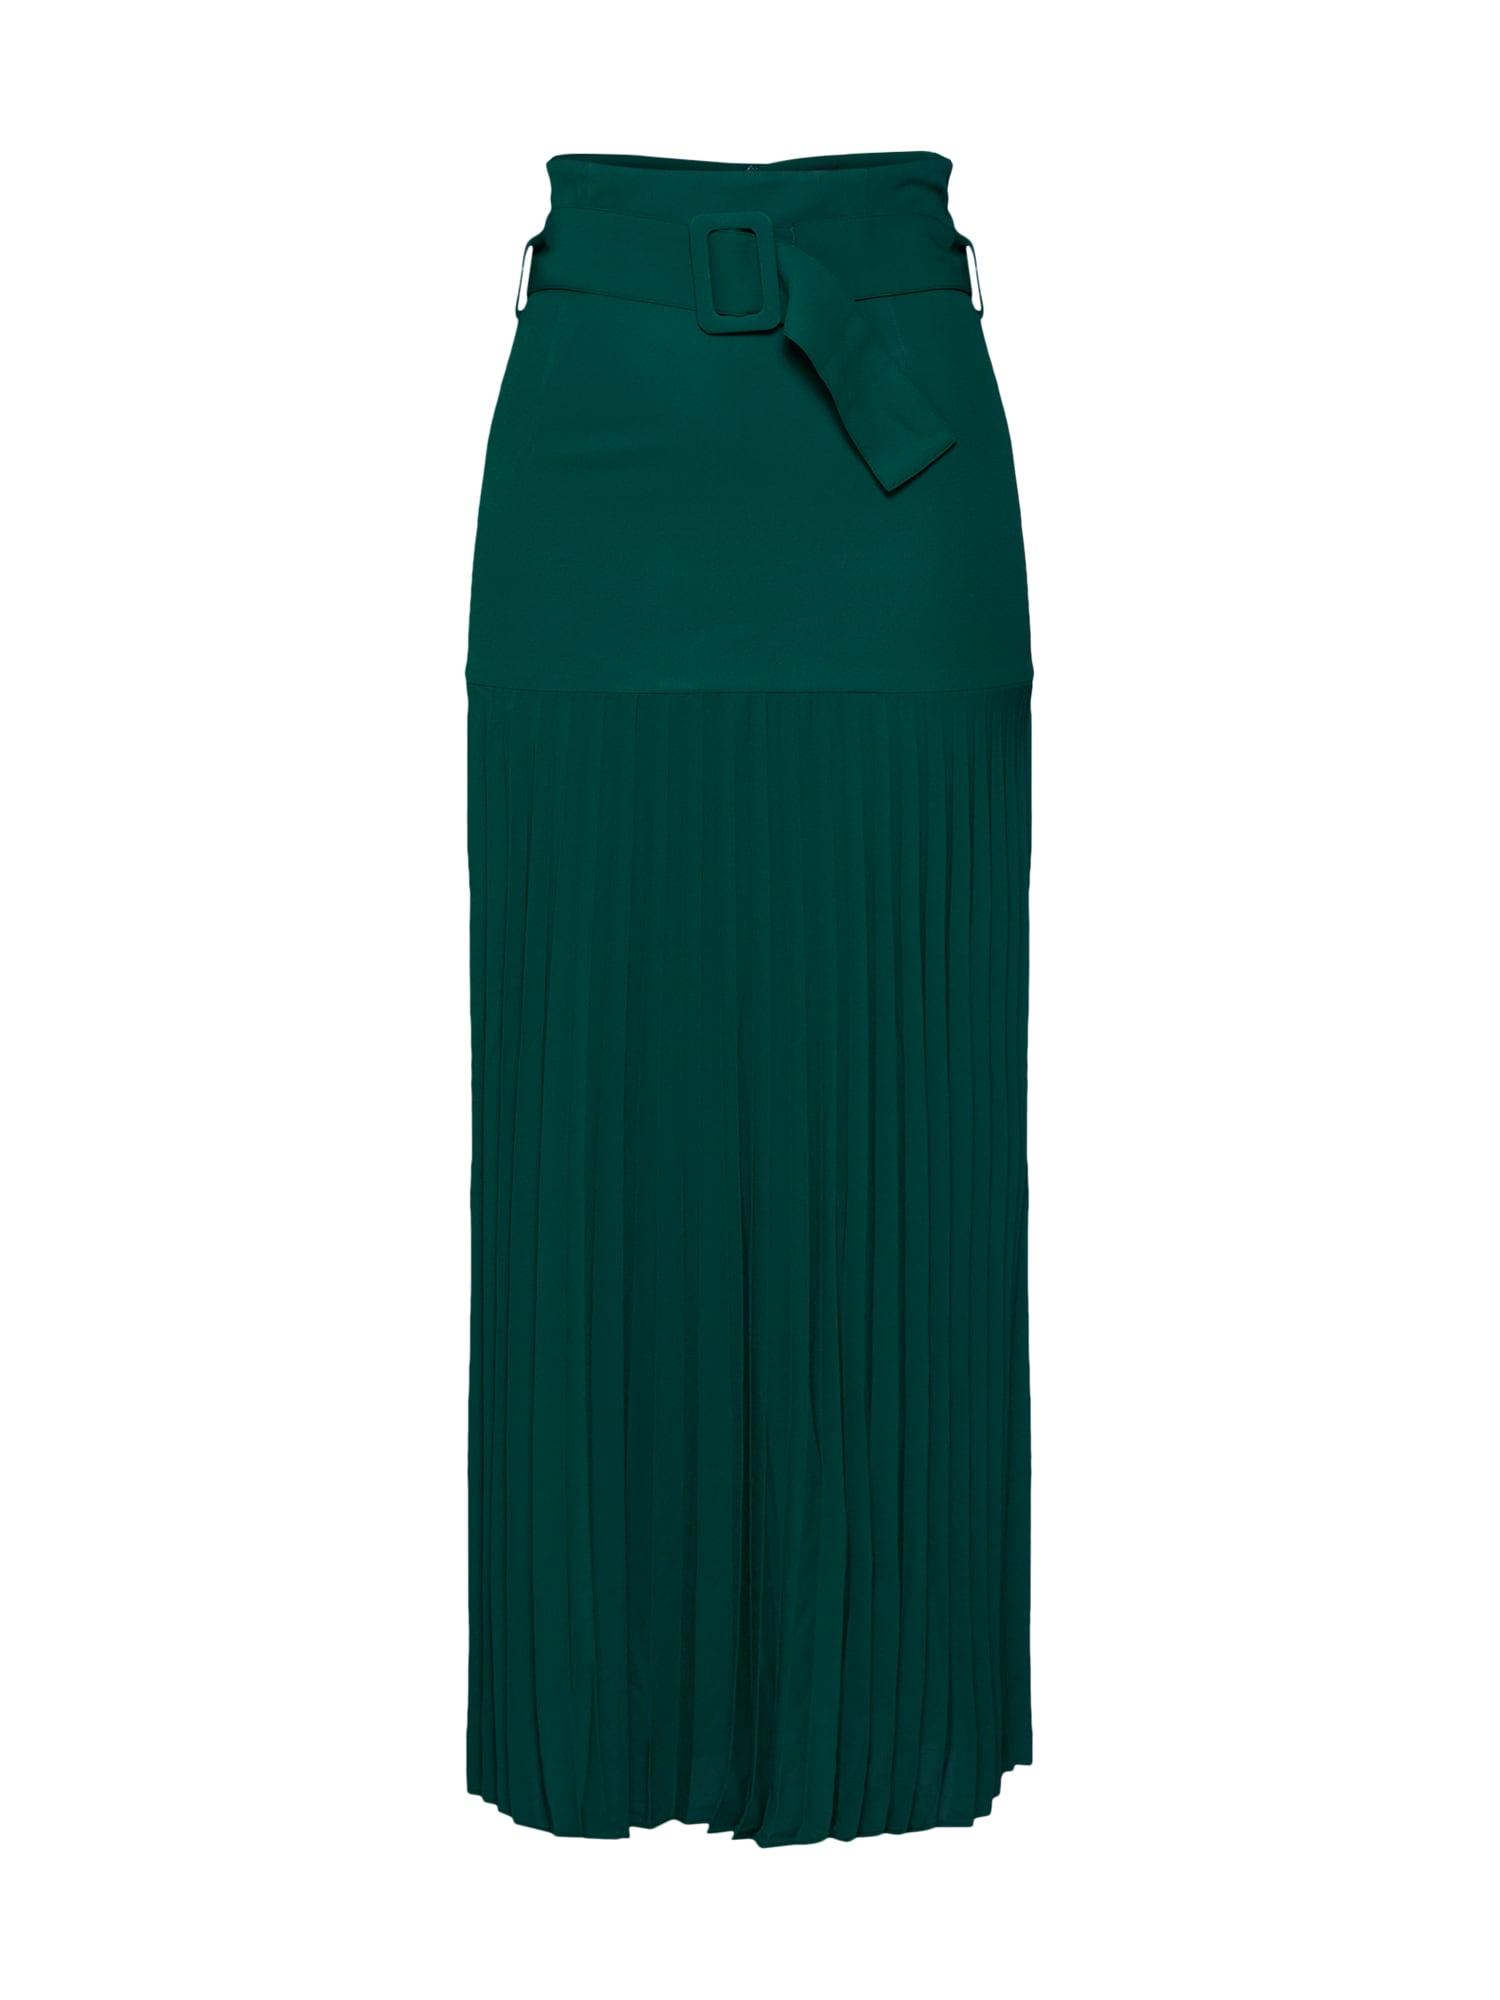 Bardot Sijonas smaragdinė spalva